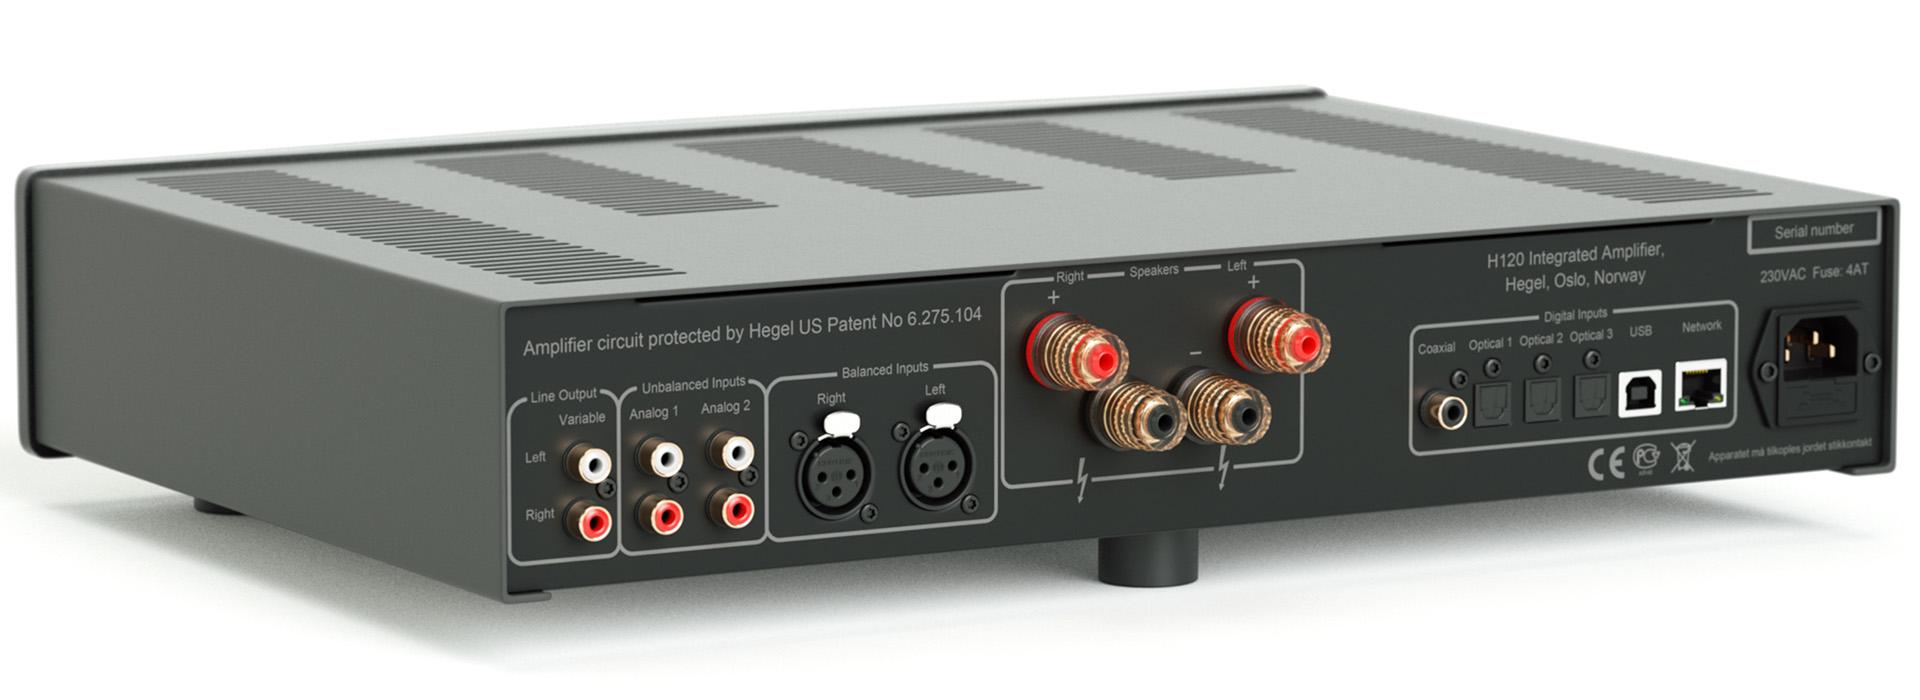 Интегральный усилитель Hegel H120 поступил в продажу в России